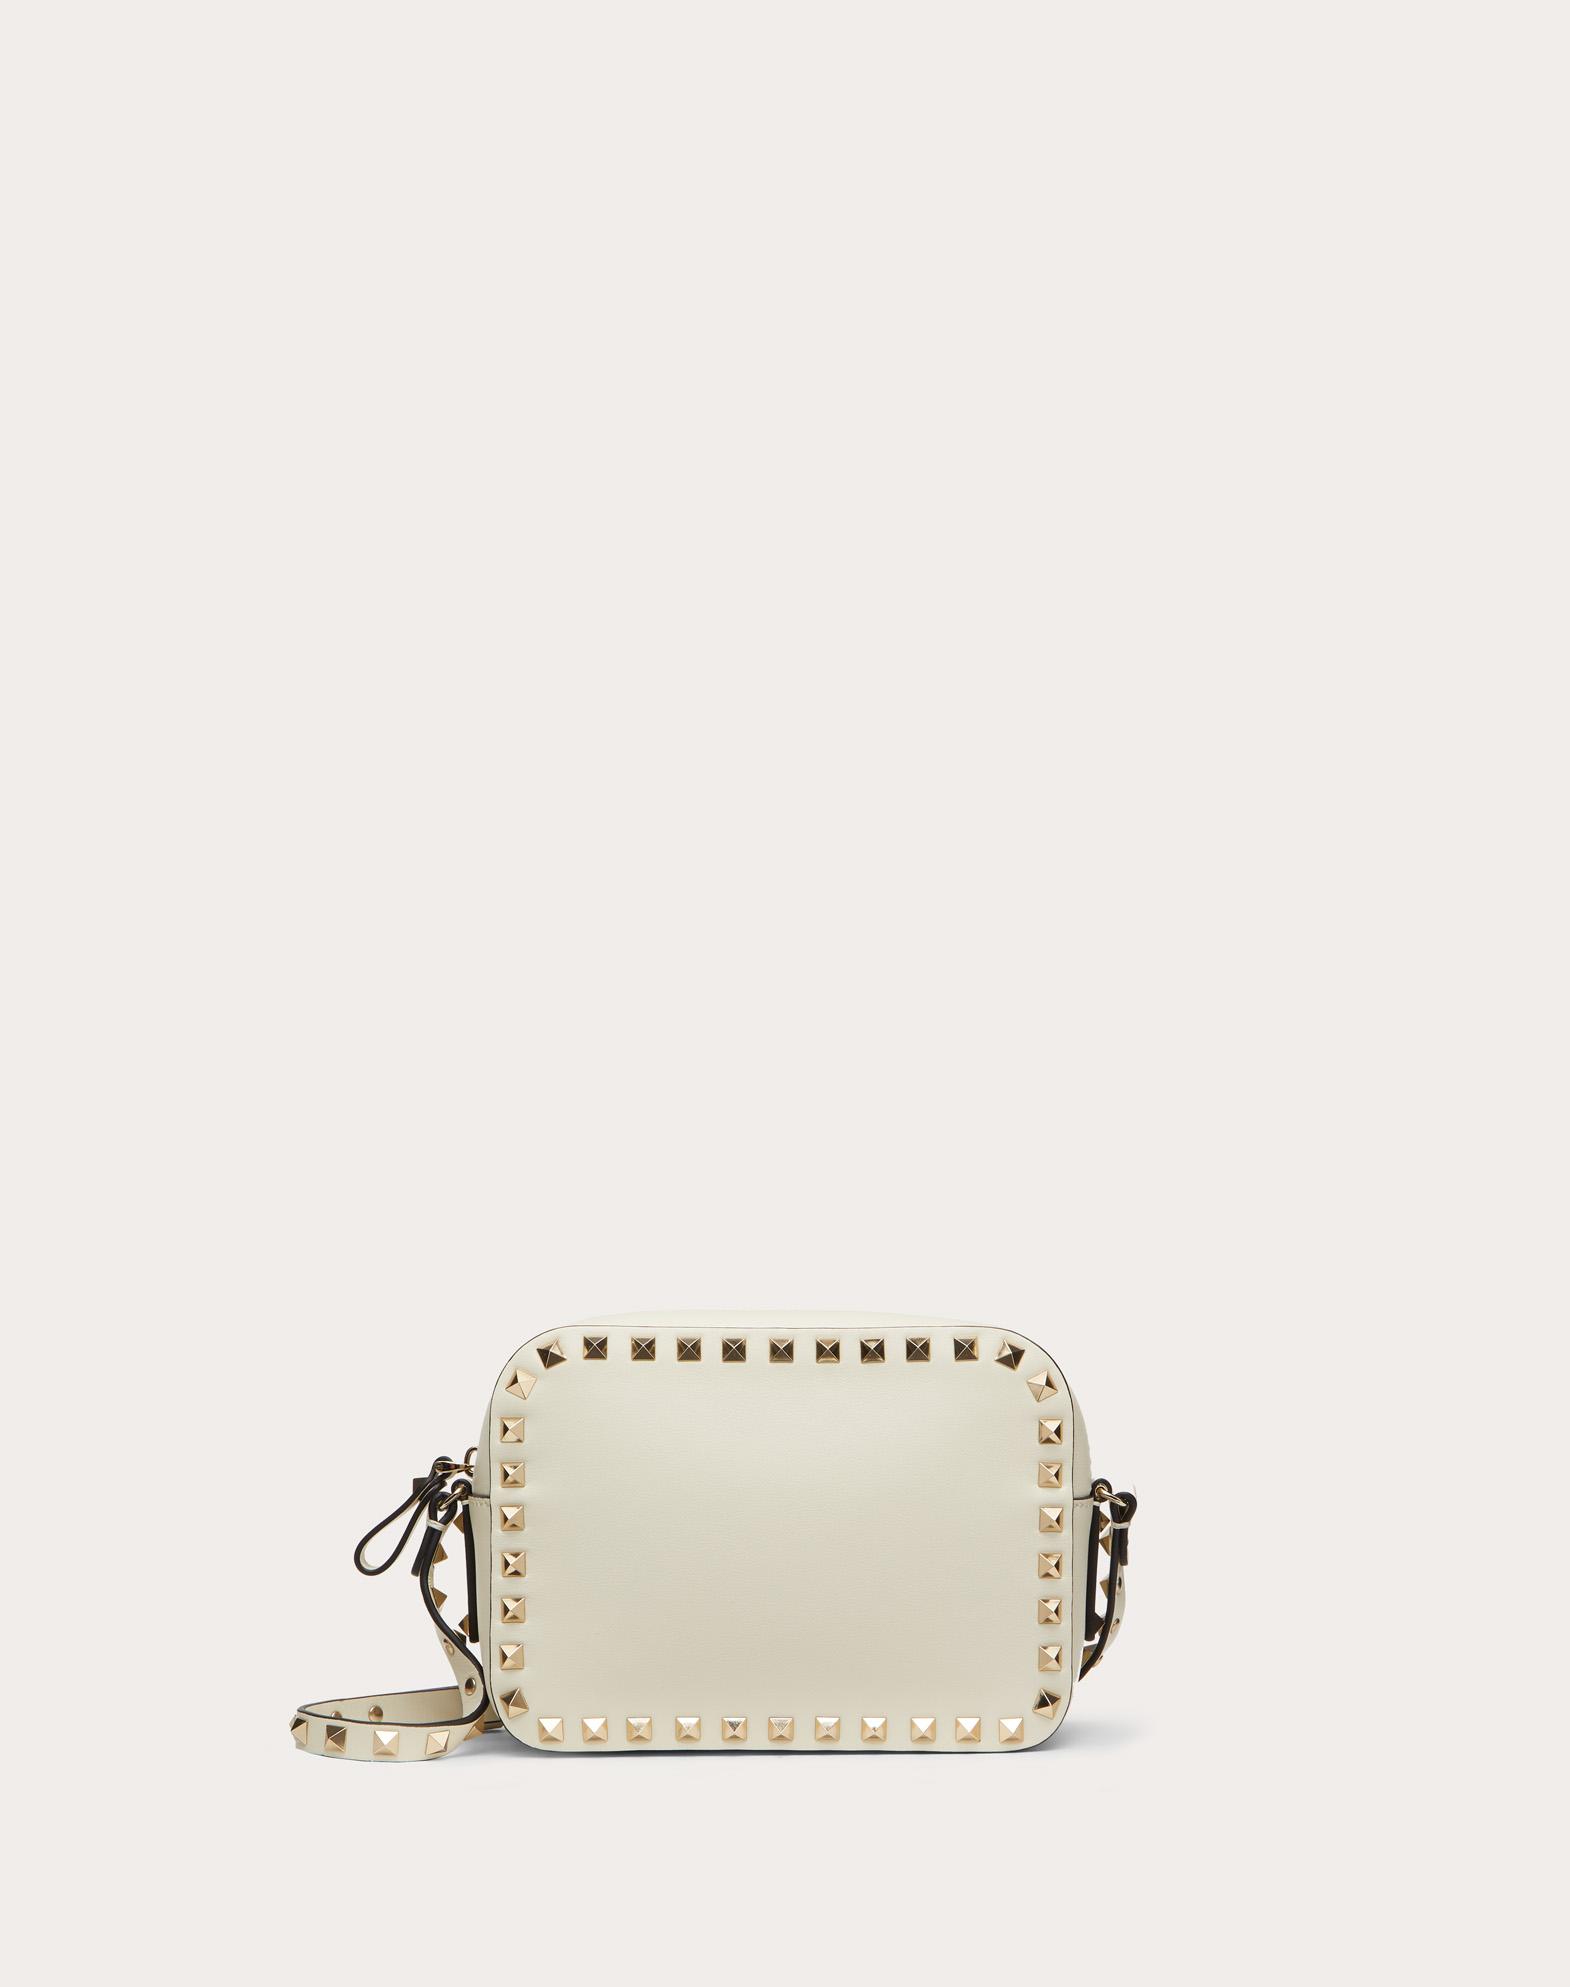 Маленькая сумка на ремешке Rockstud из телячьей кожи